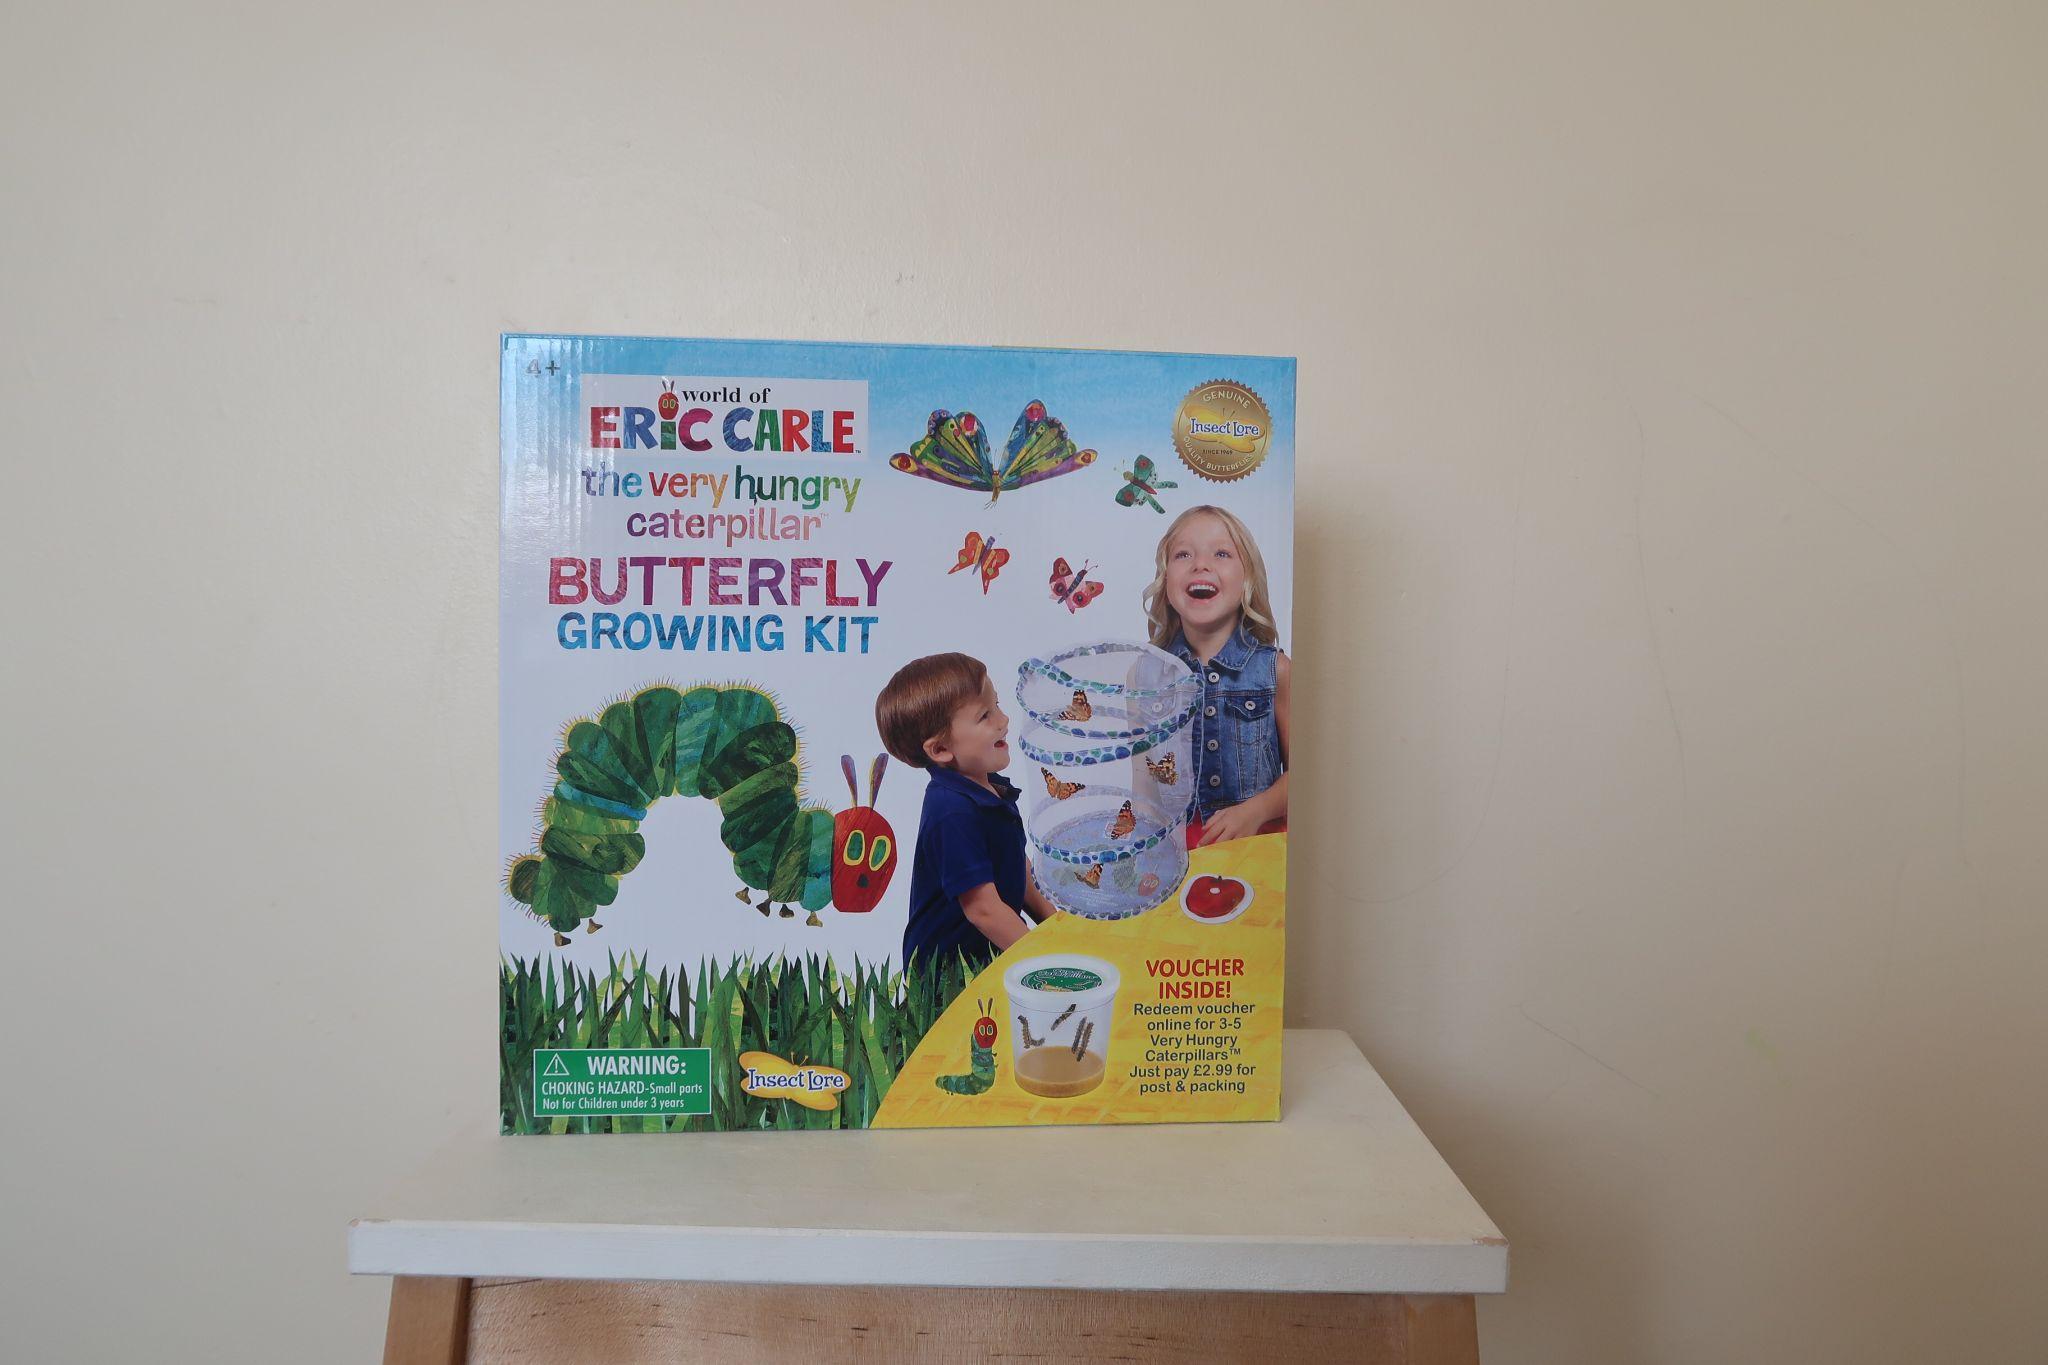 A kids butterfly kit